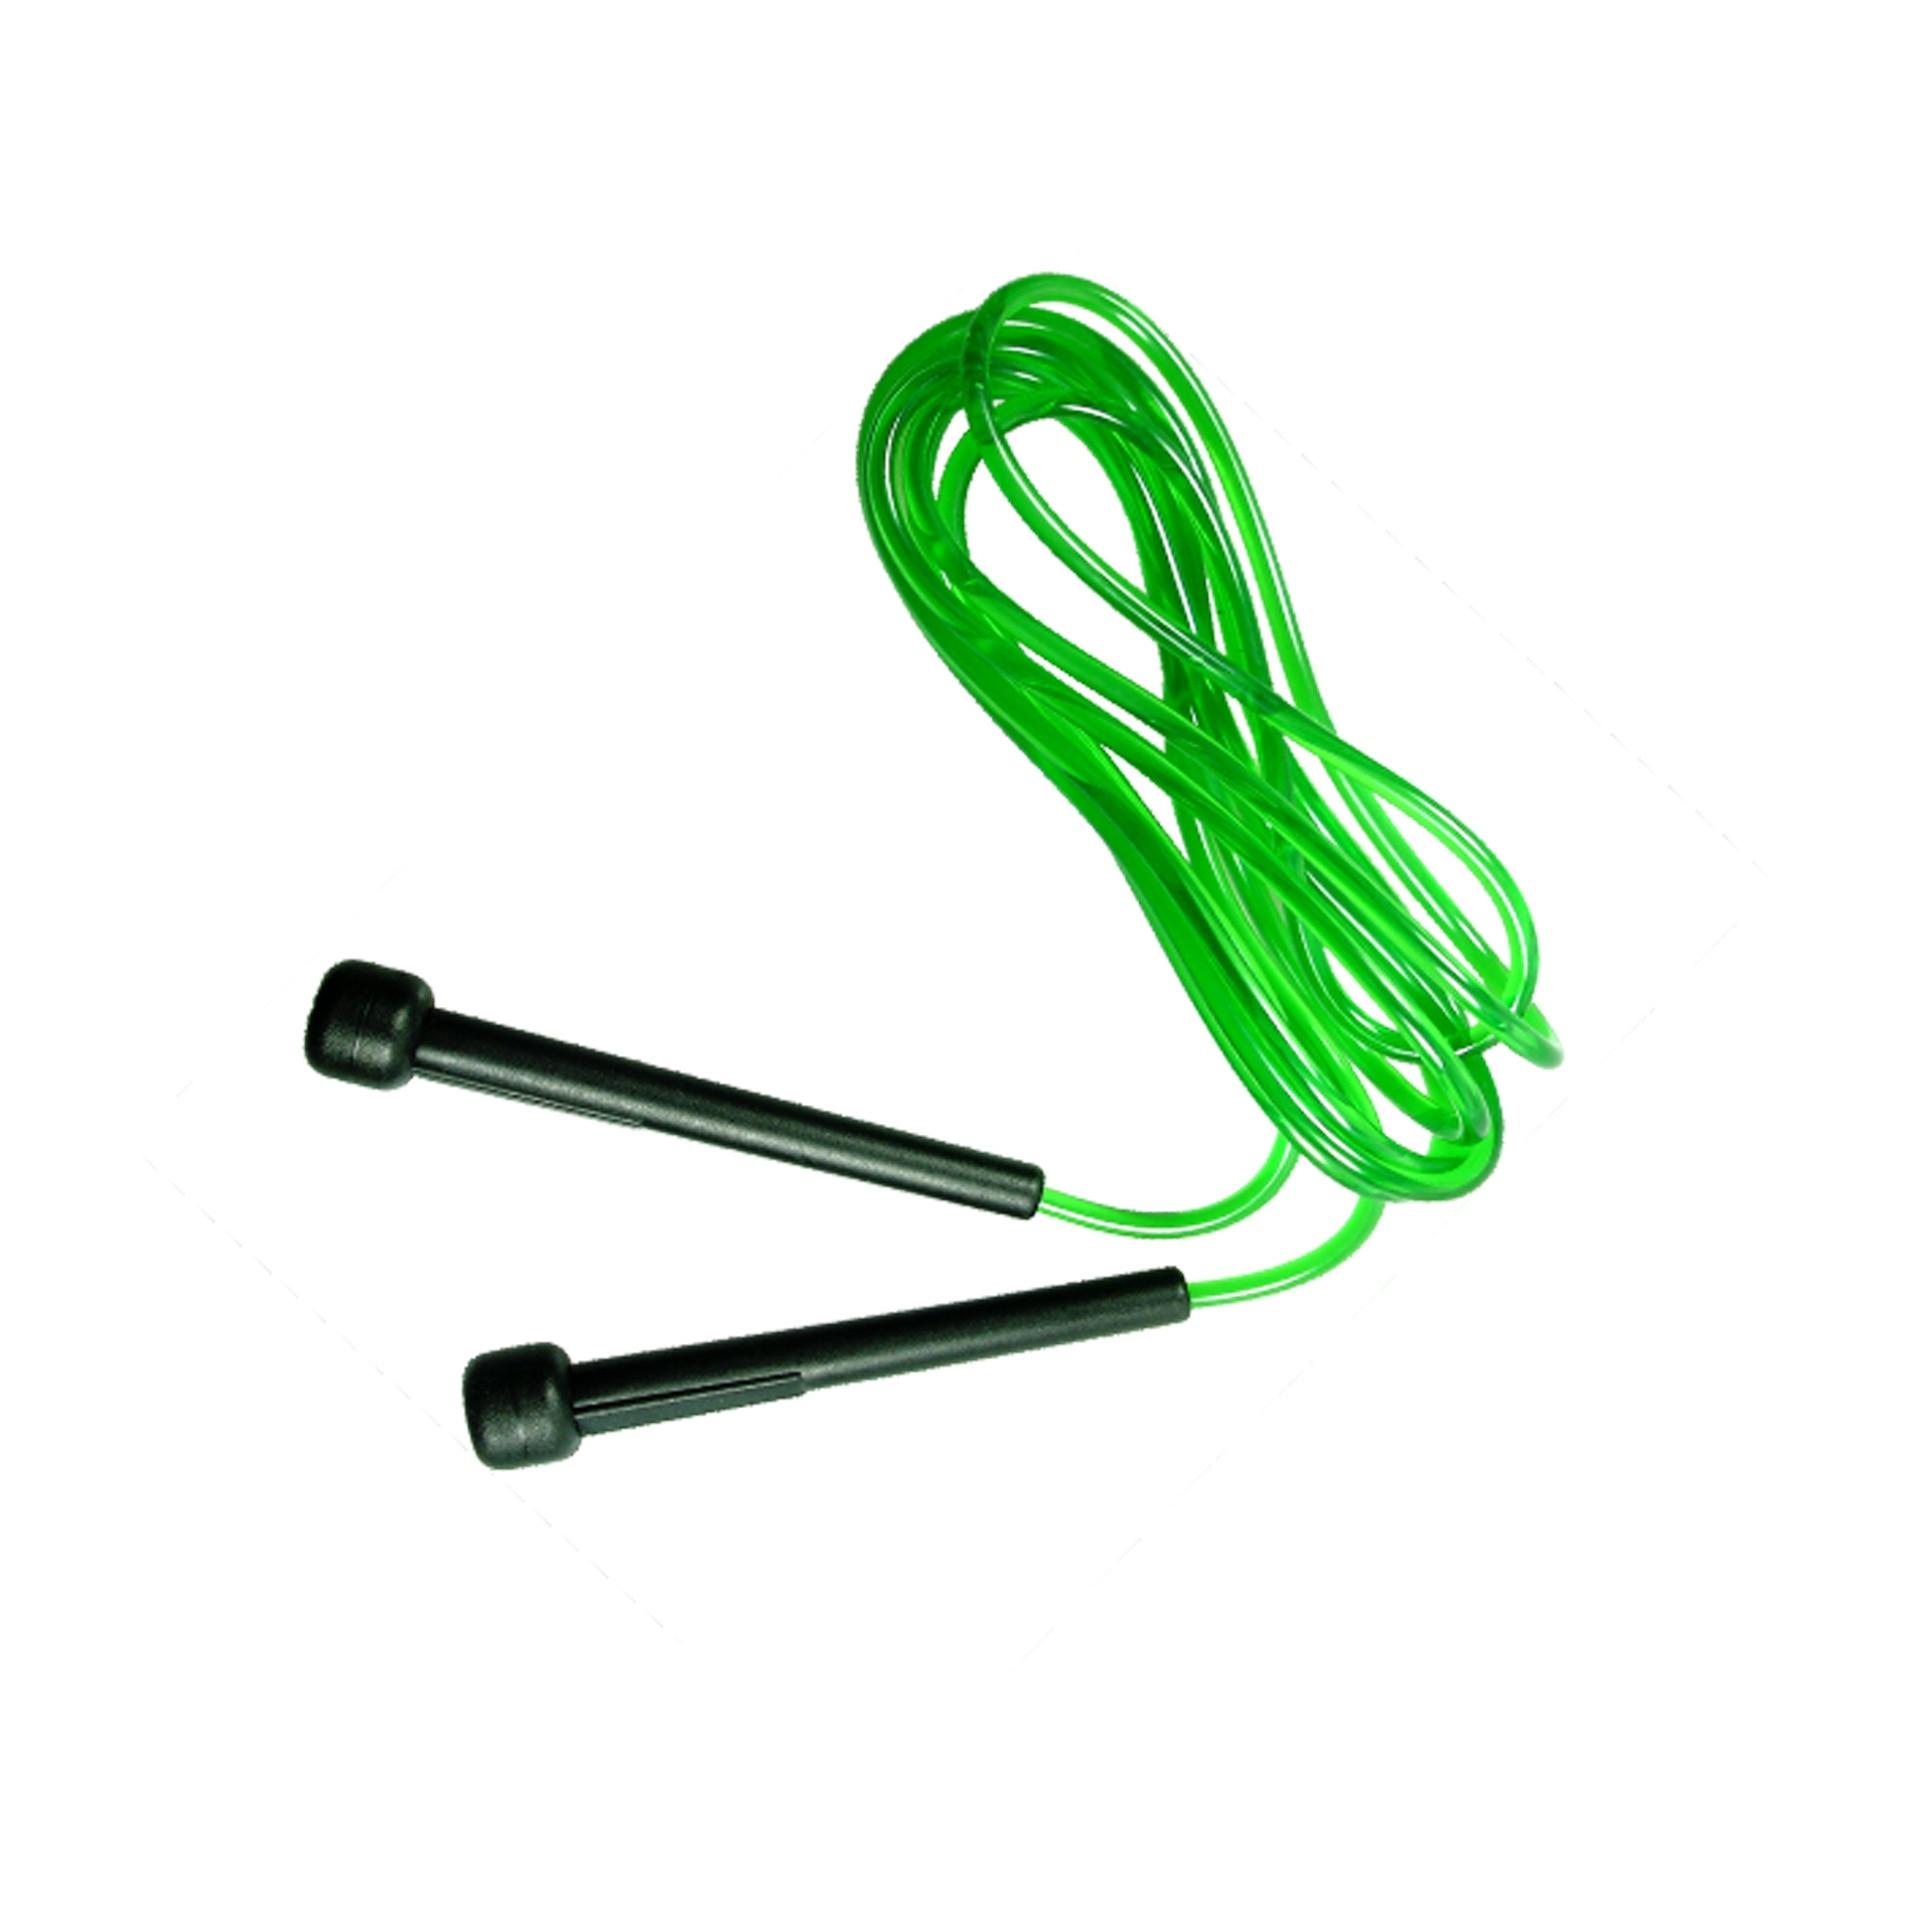 [Wei Masi] Racing Plastic Skipping Rope Jian Shen Sheng Manufacturers Jian Shen Sheng Wholesale